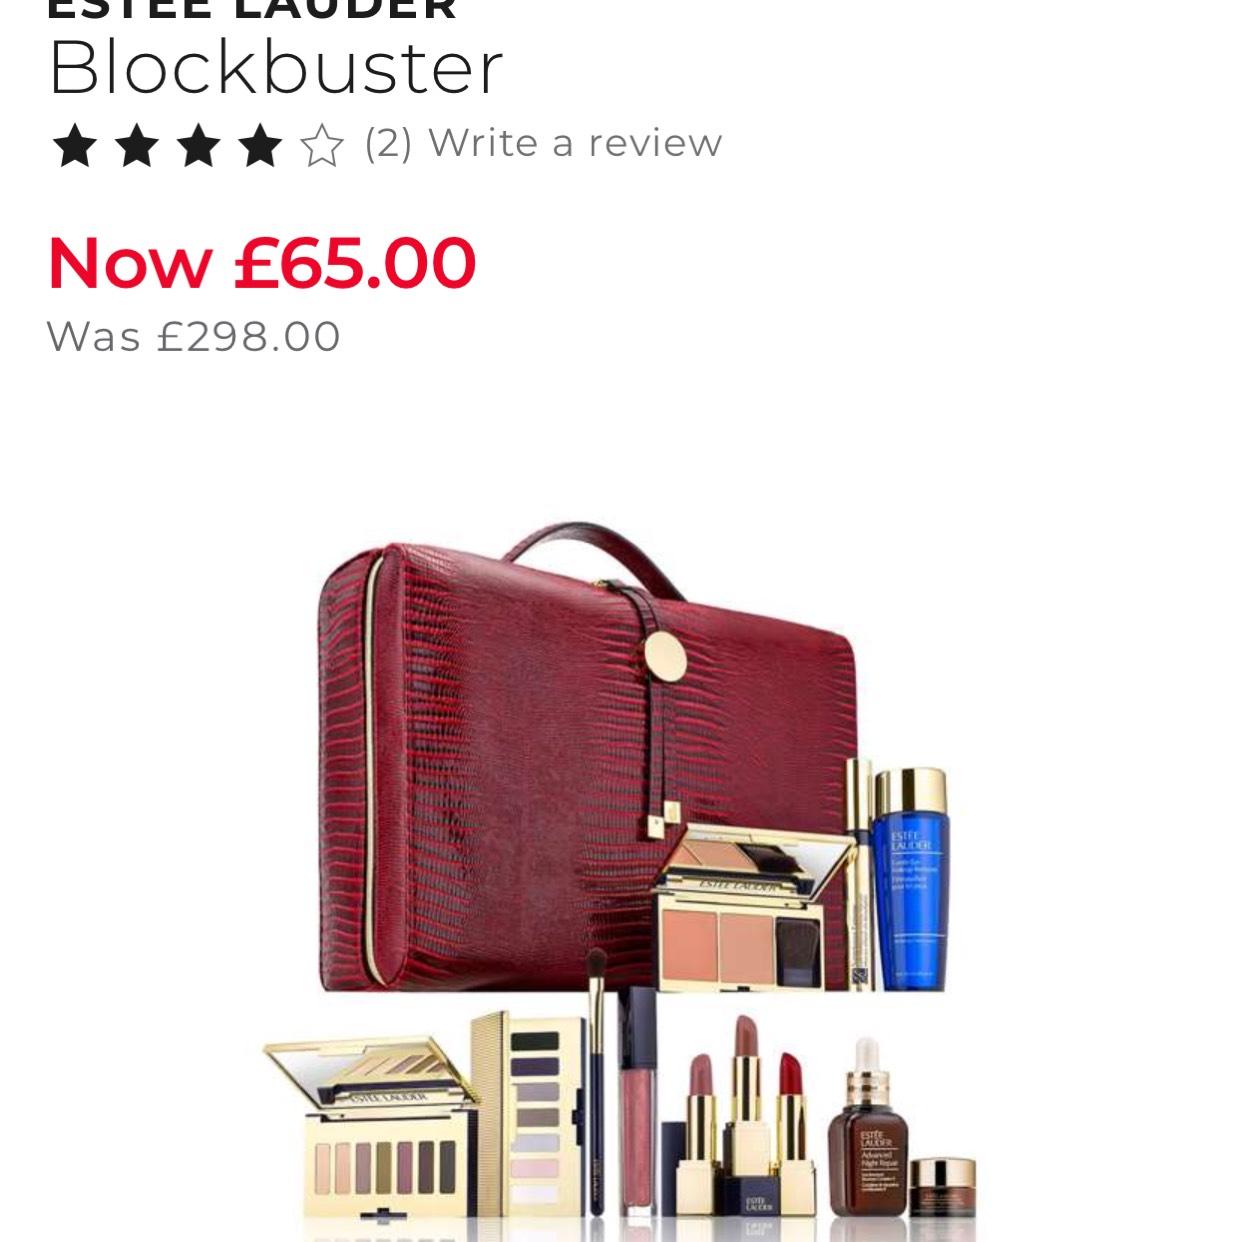 Estée Lauder Gift set £65 from £298 at House of Fraser